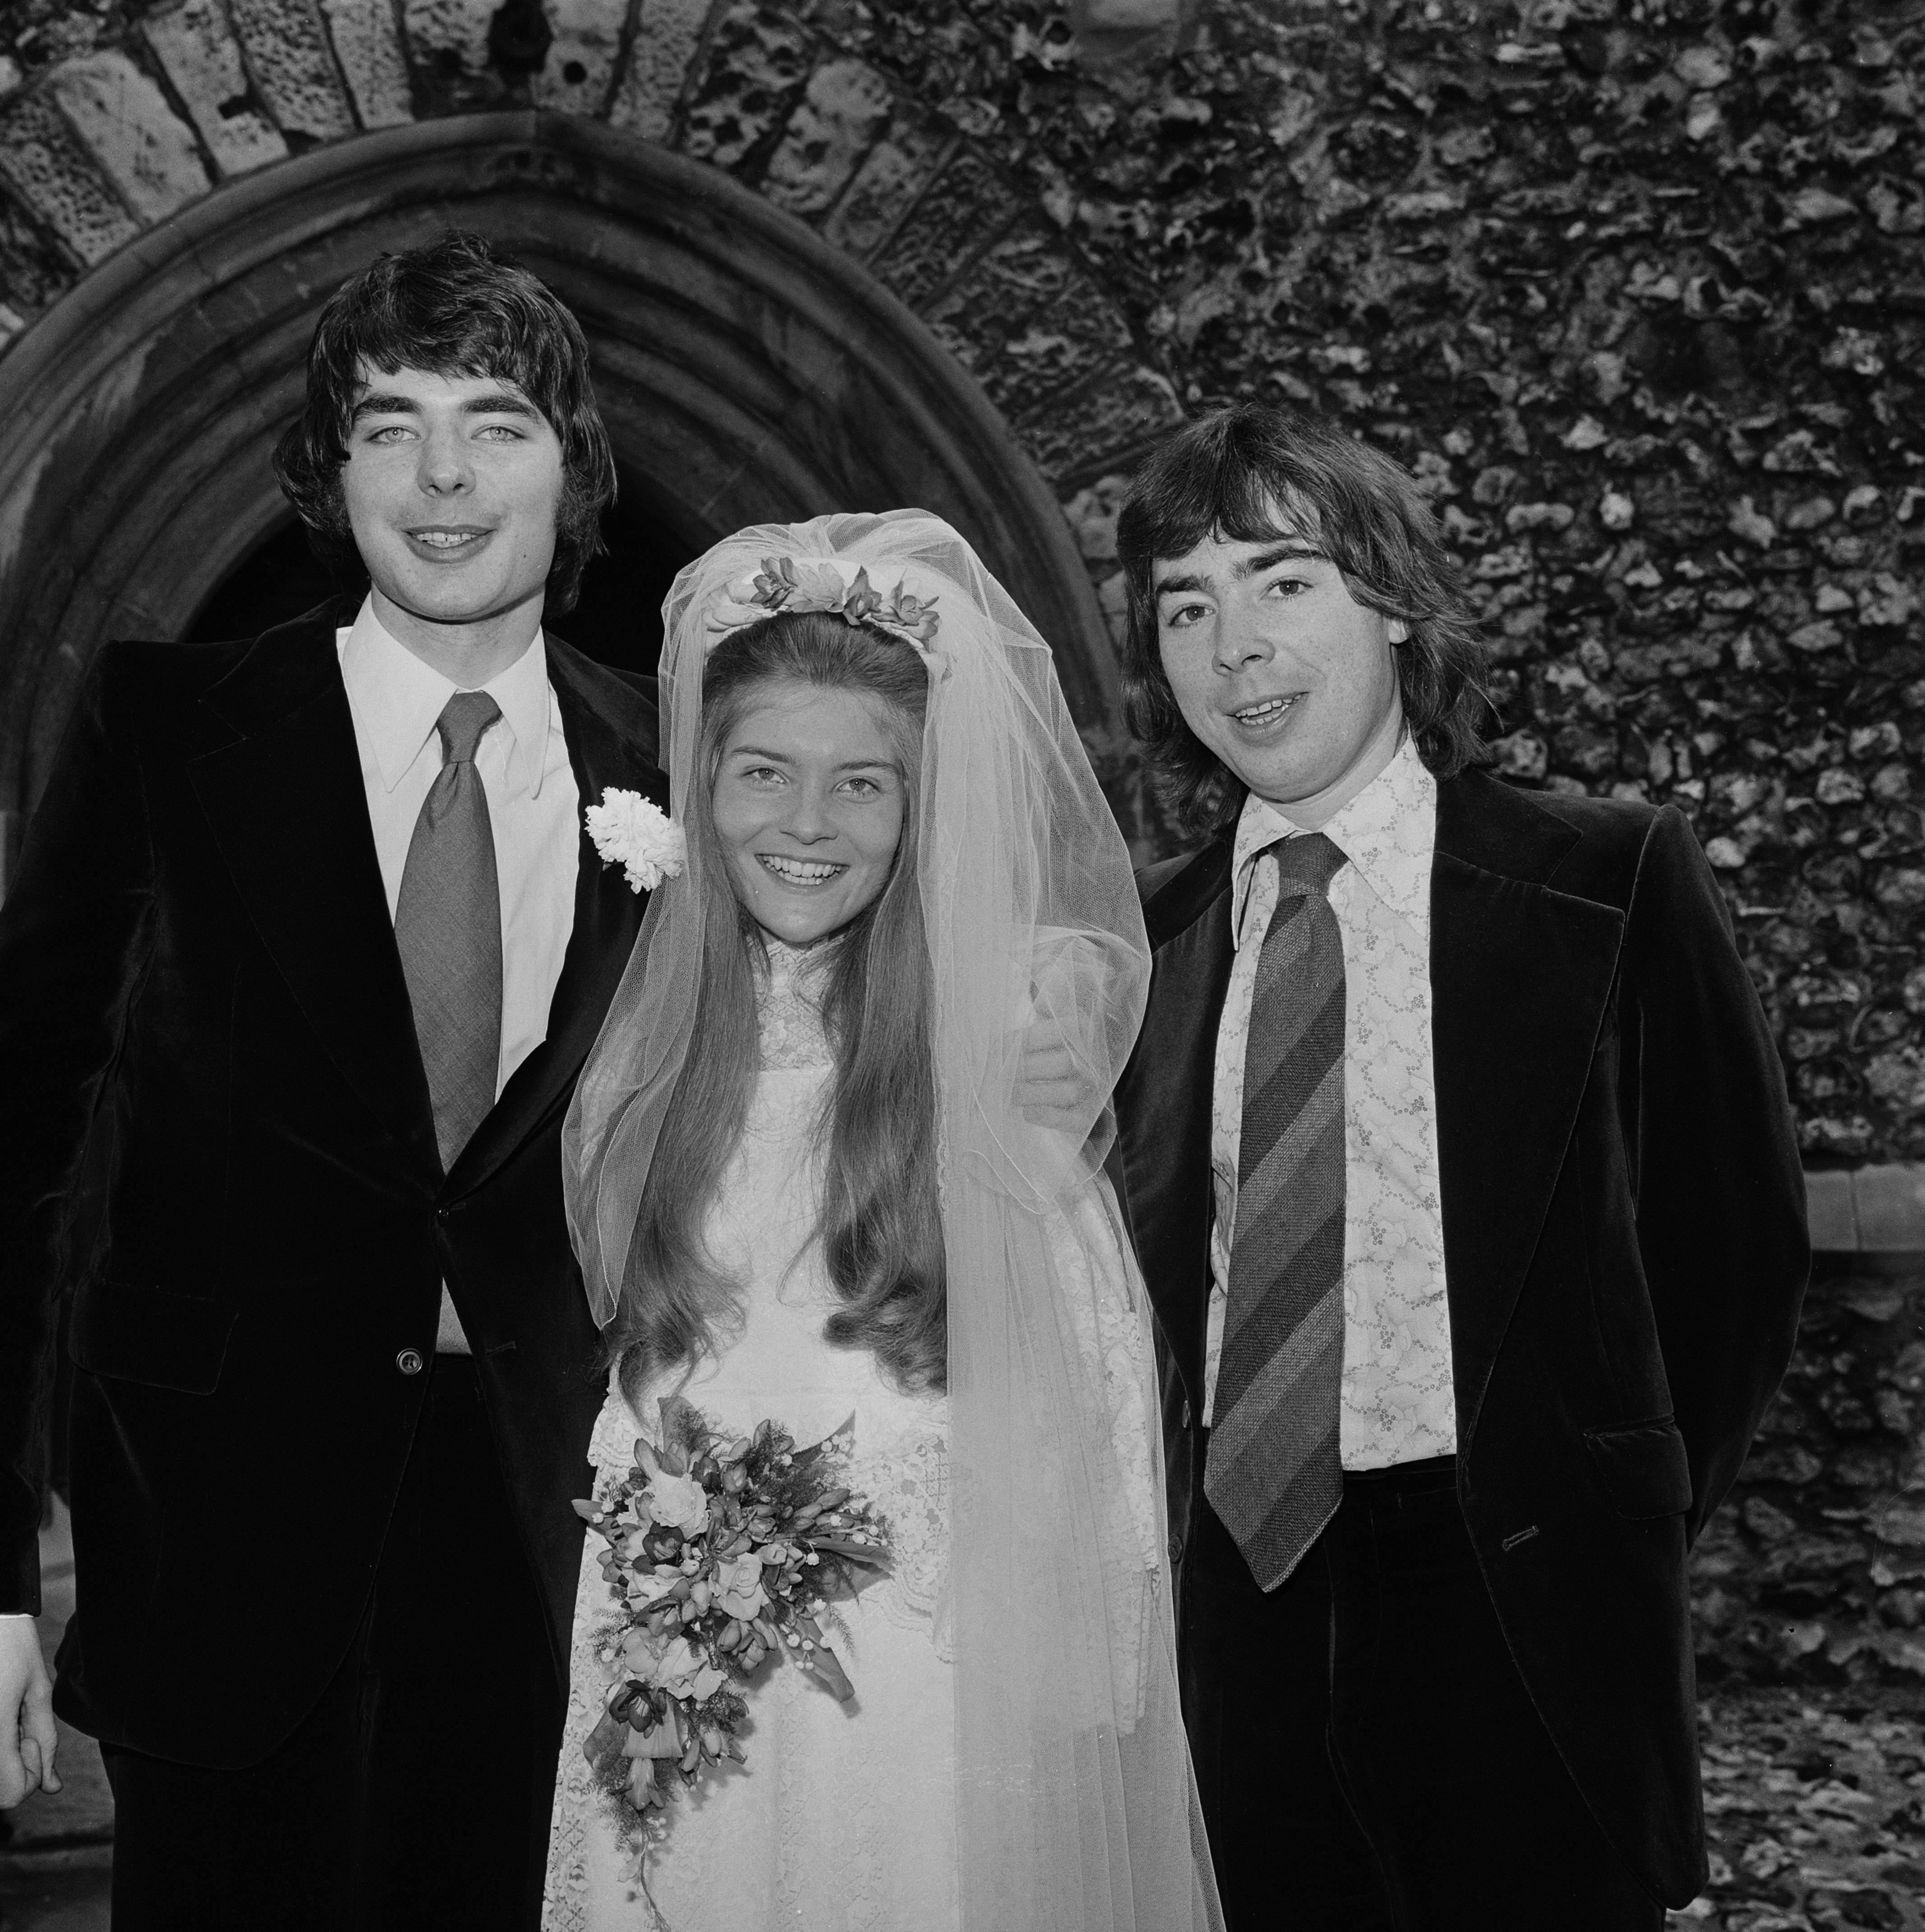 Julian Lloyd Webber, Andrew Lloyd Webber Children, Andrew Lloyd Webber Family